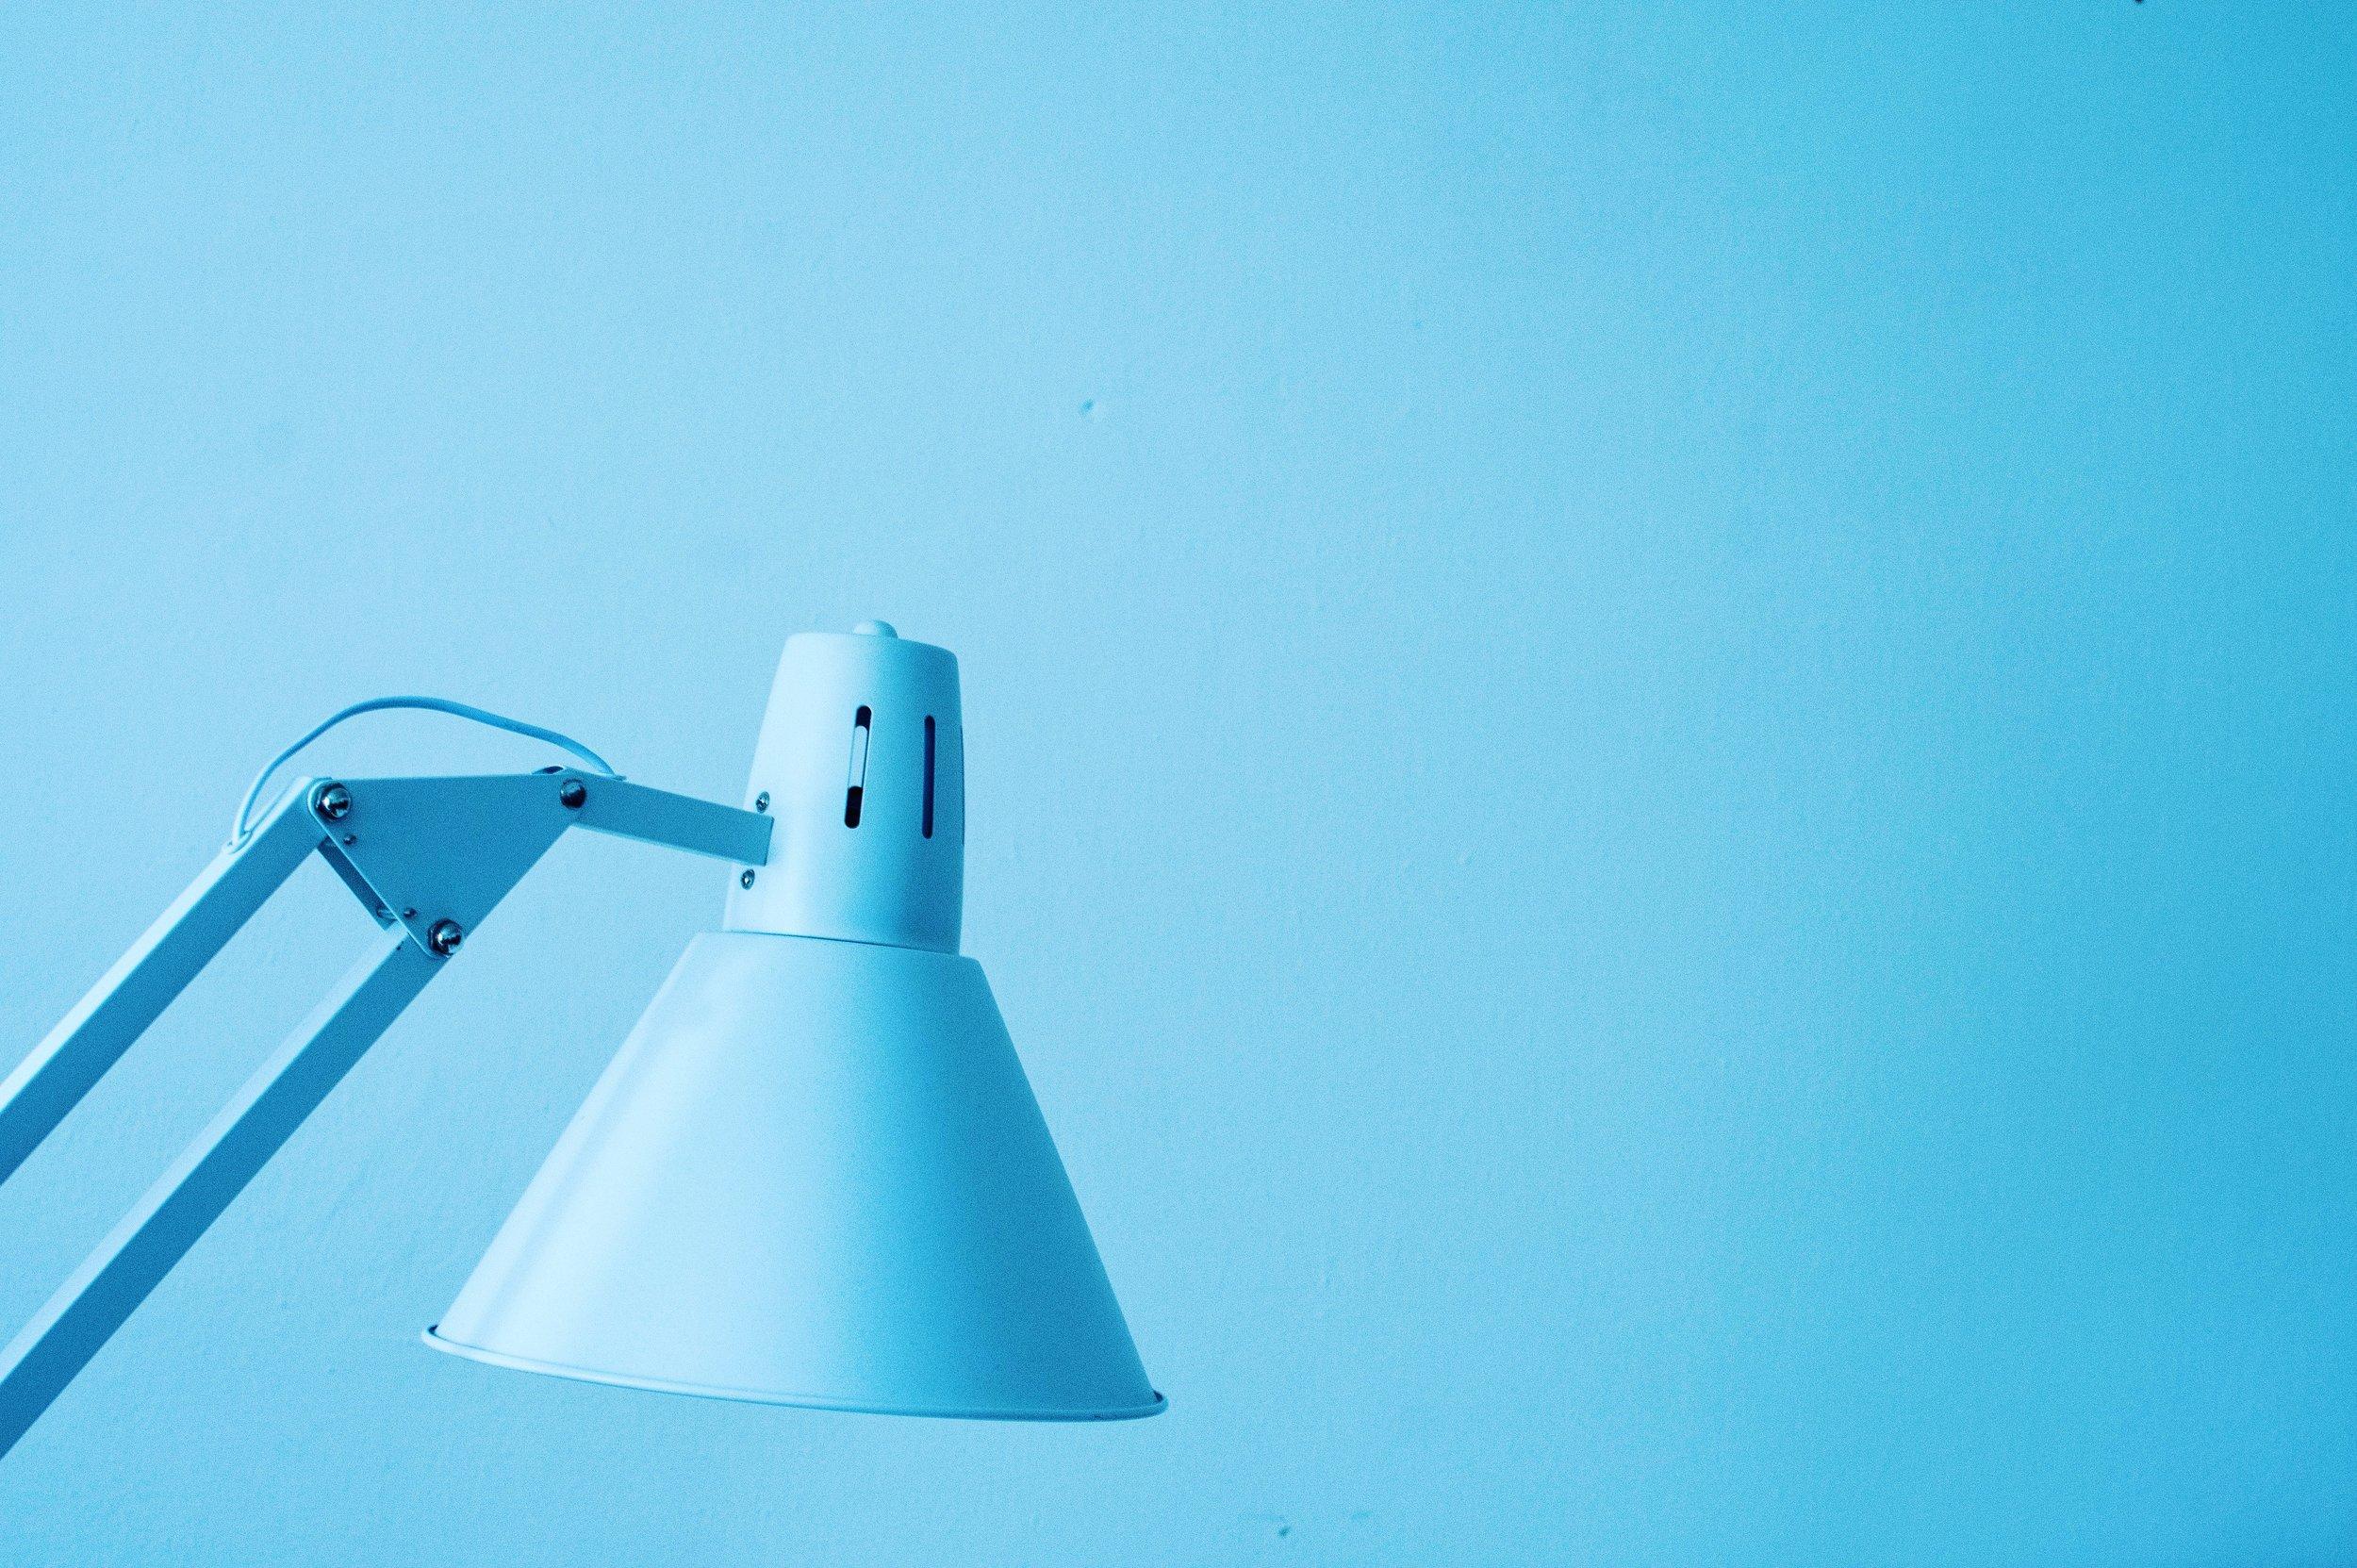 close-up-desk-lamp-justifyyourlove-823841.jpg